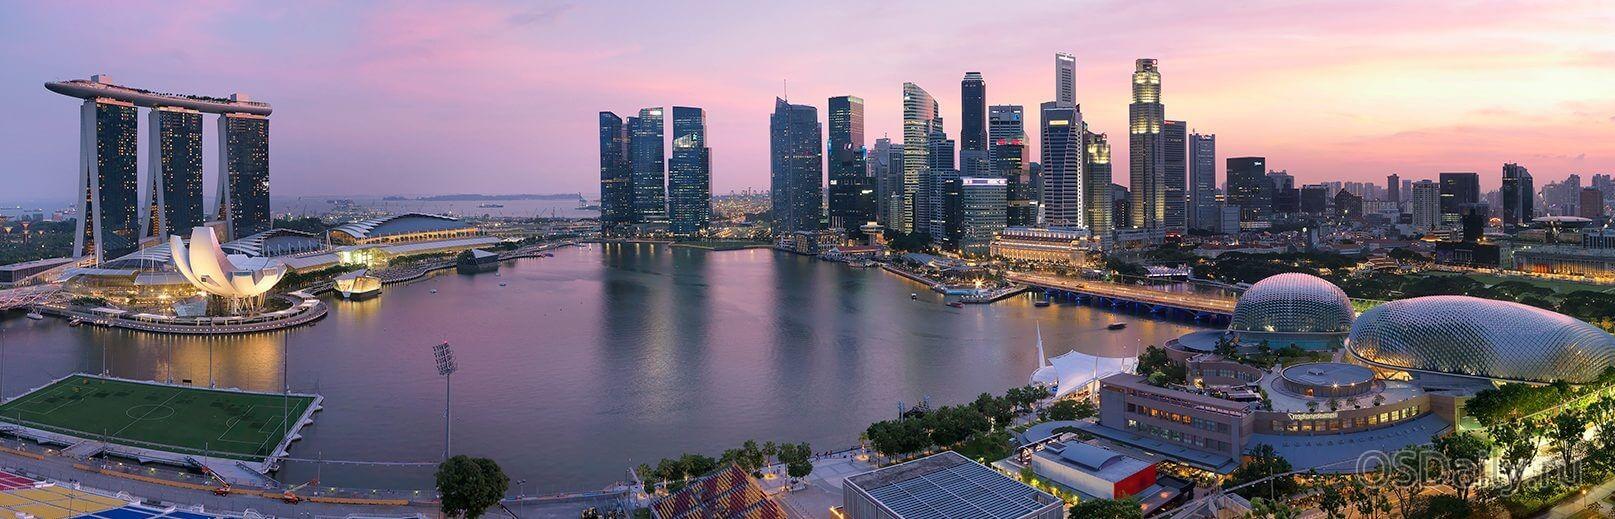 Несколько причин, почему Сингапур стал центром технологических инноваций